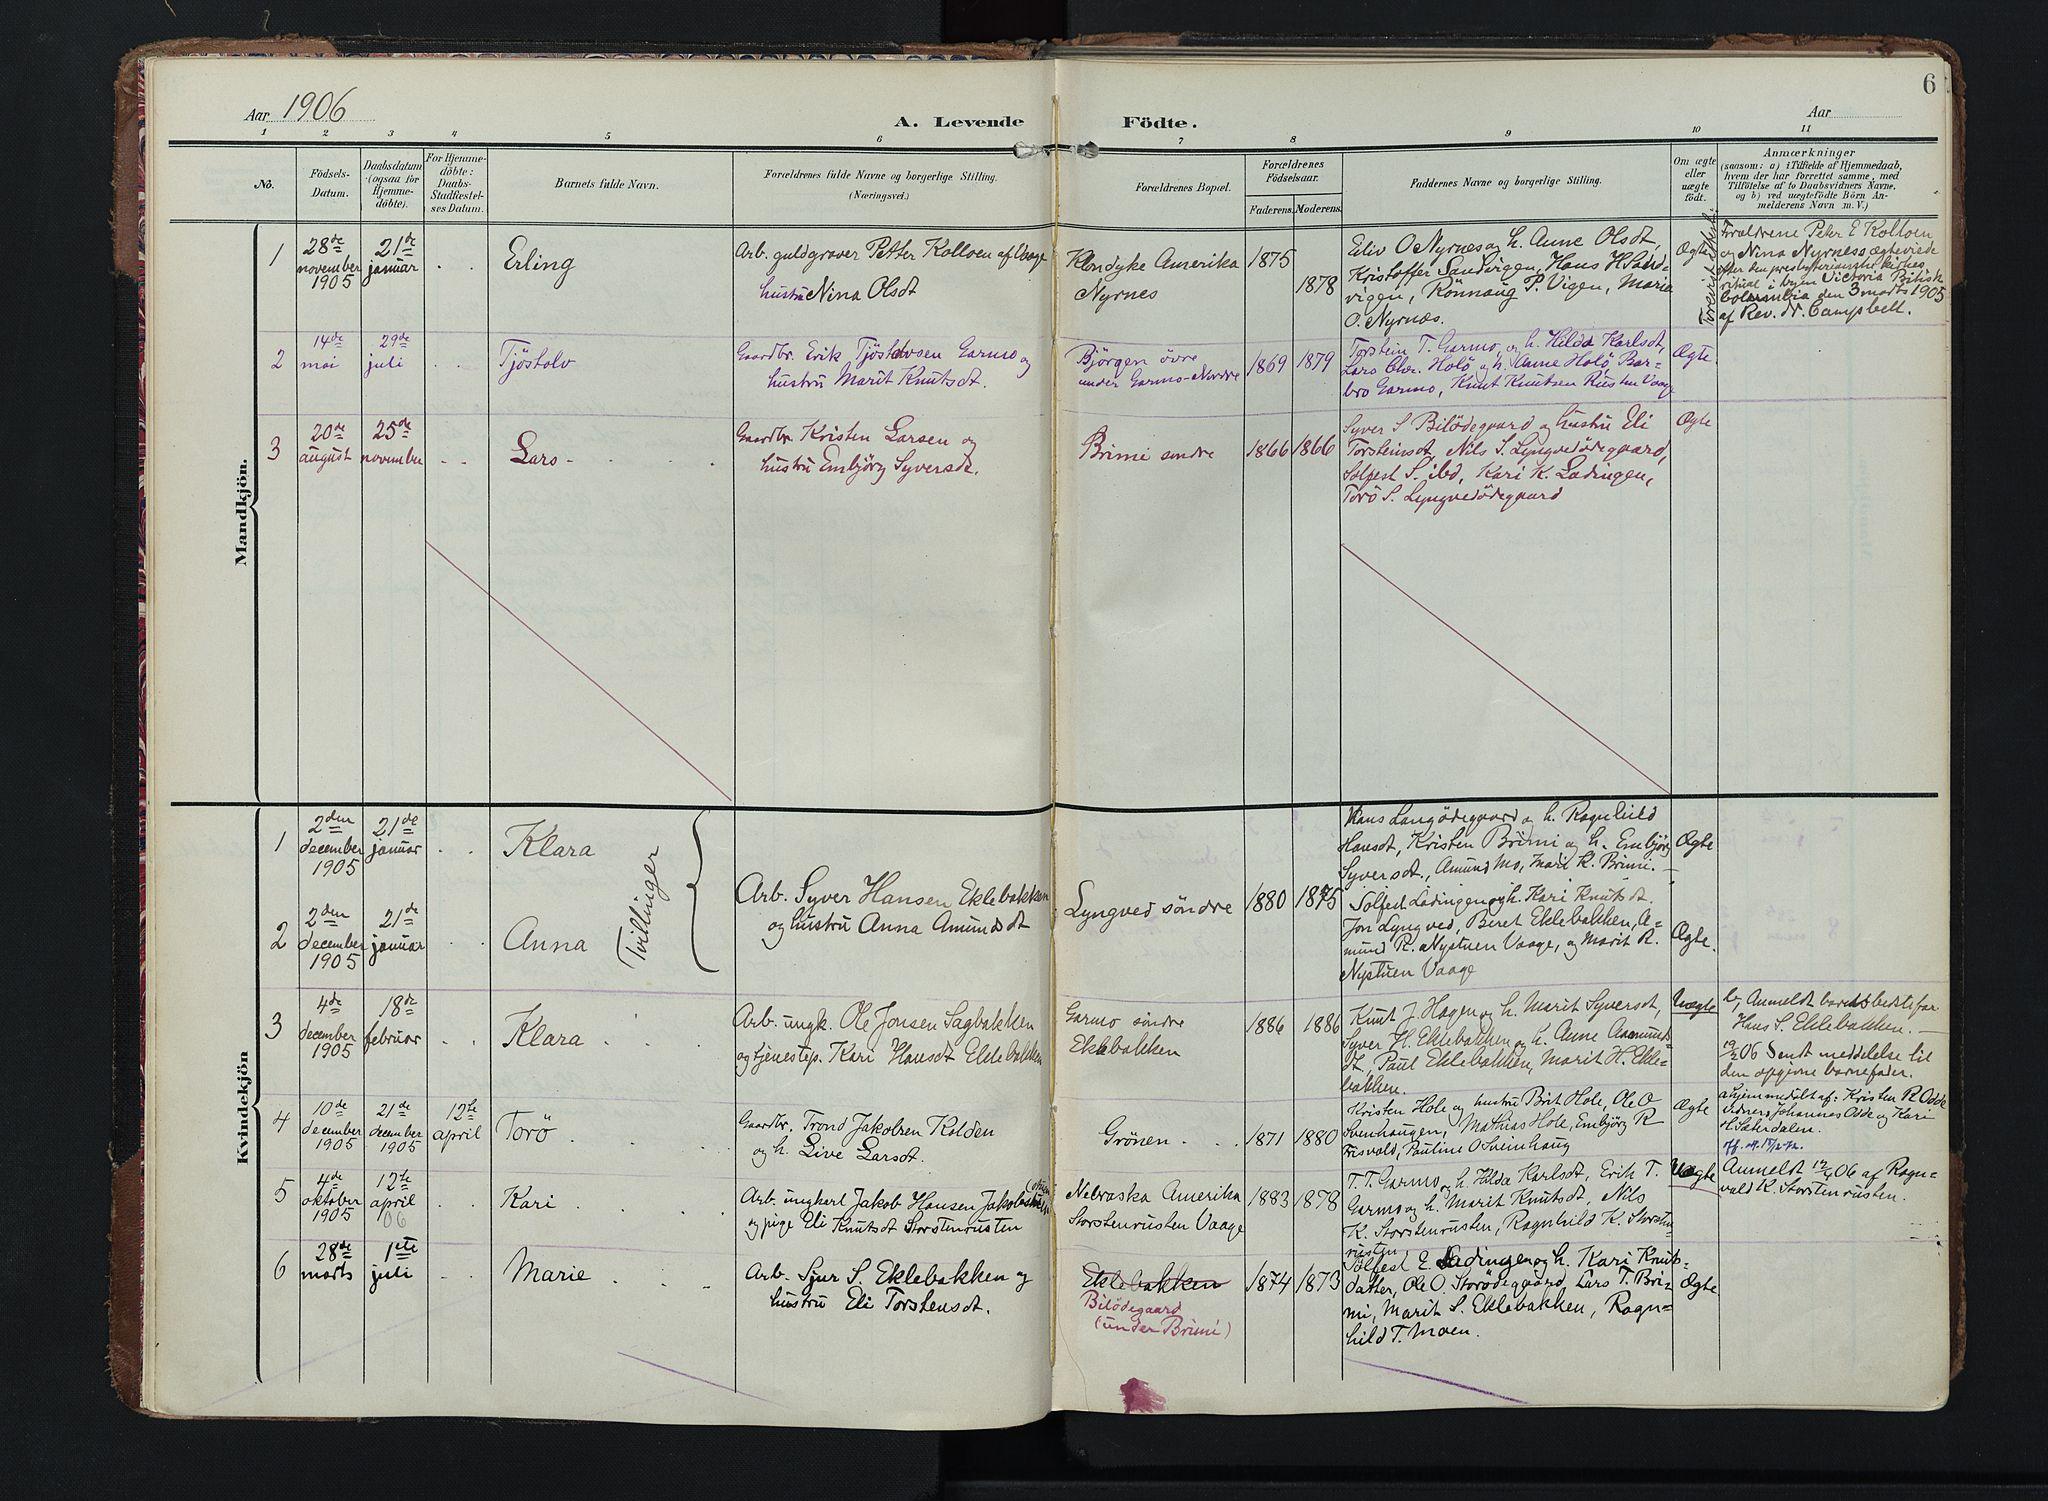 SAH, Lom prestekontor, K/L0011: Ministerialbok nr. 11, 1904-1928, s. 6